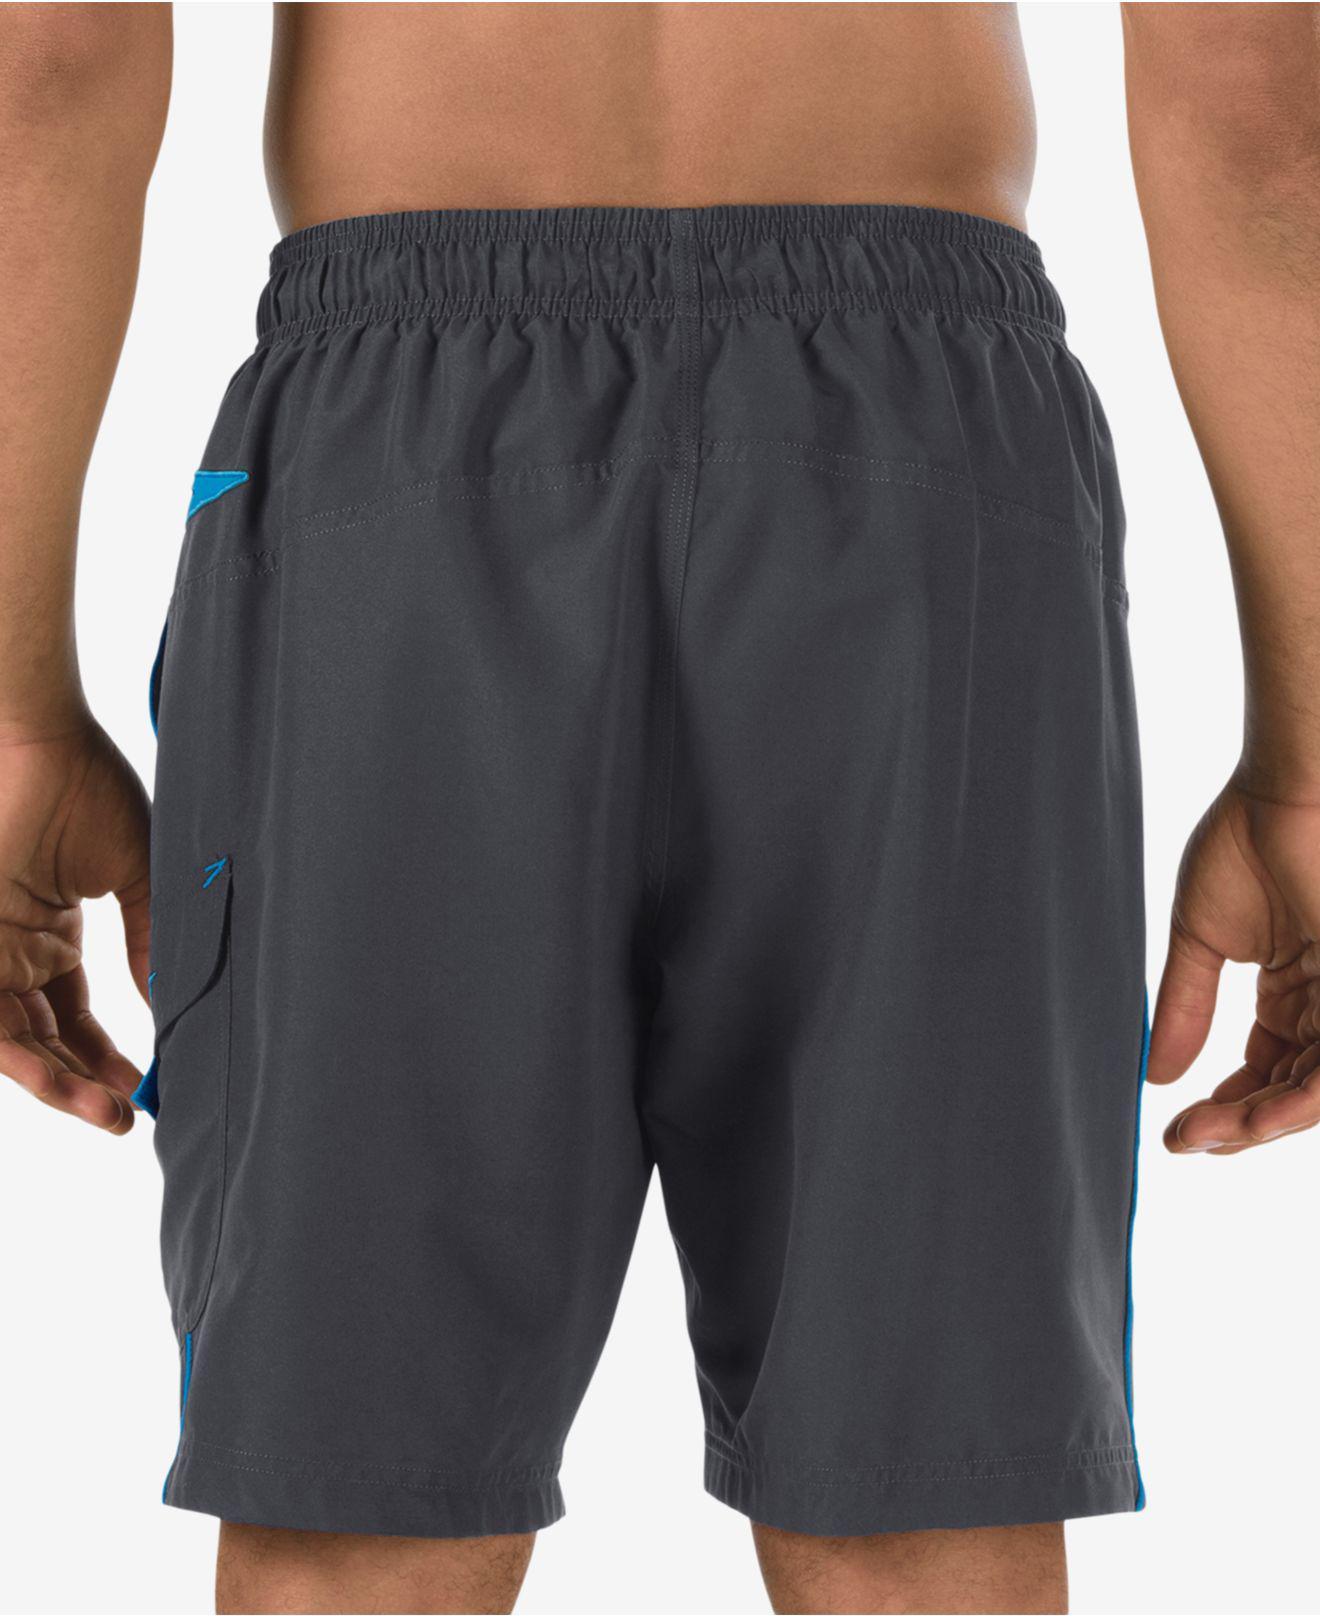 1333d56220 Speedo - Gray Performance Marina 9'' Swim Trunks for Men - Lyst. View  fullscreen